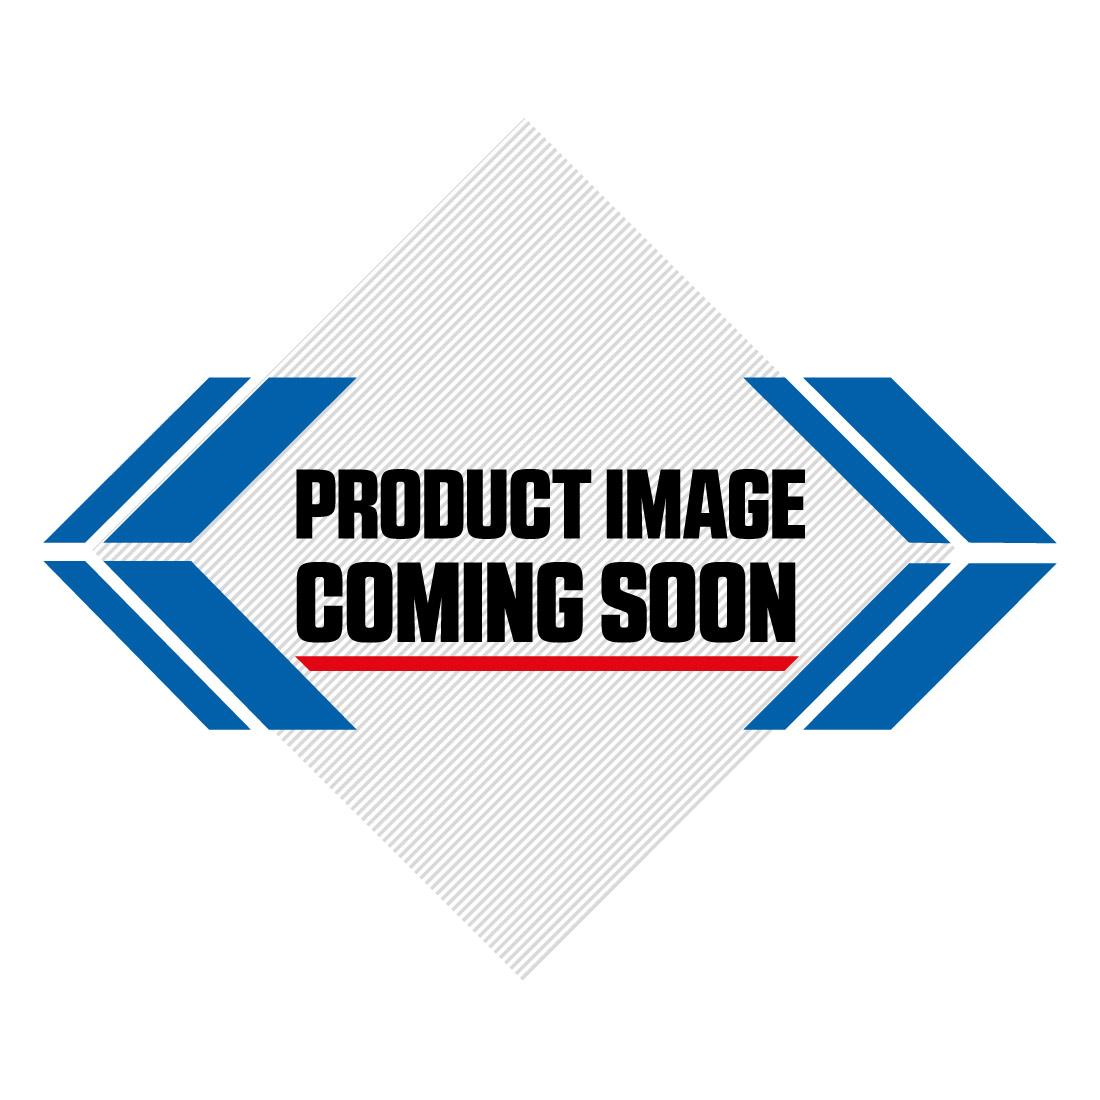 Kawasaki Plastic Kit KX 125 250 (99-02) OEM Factory Image-1